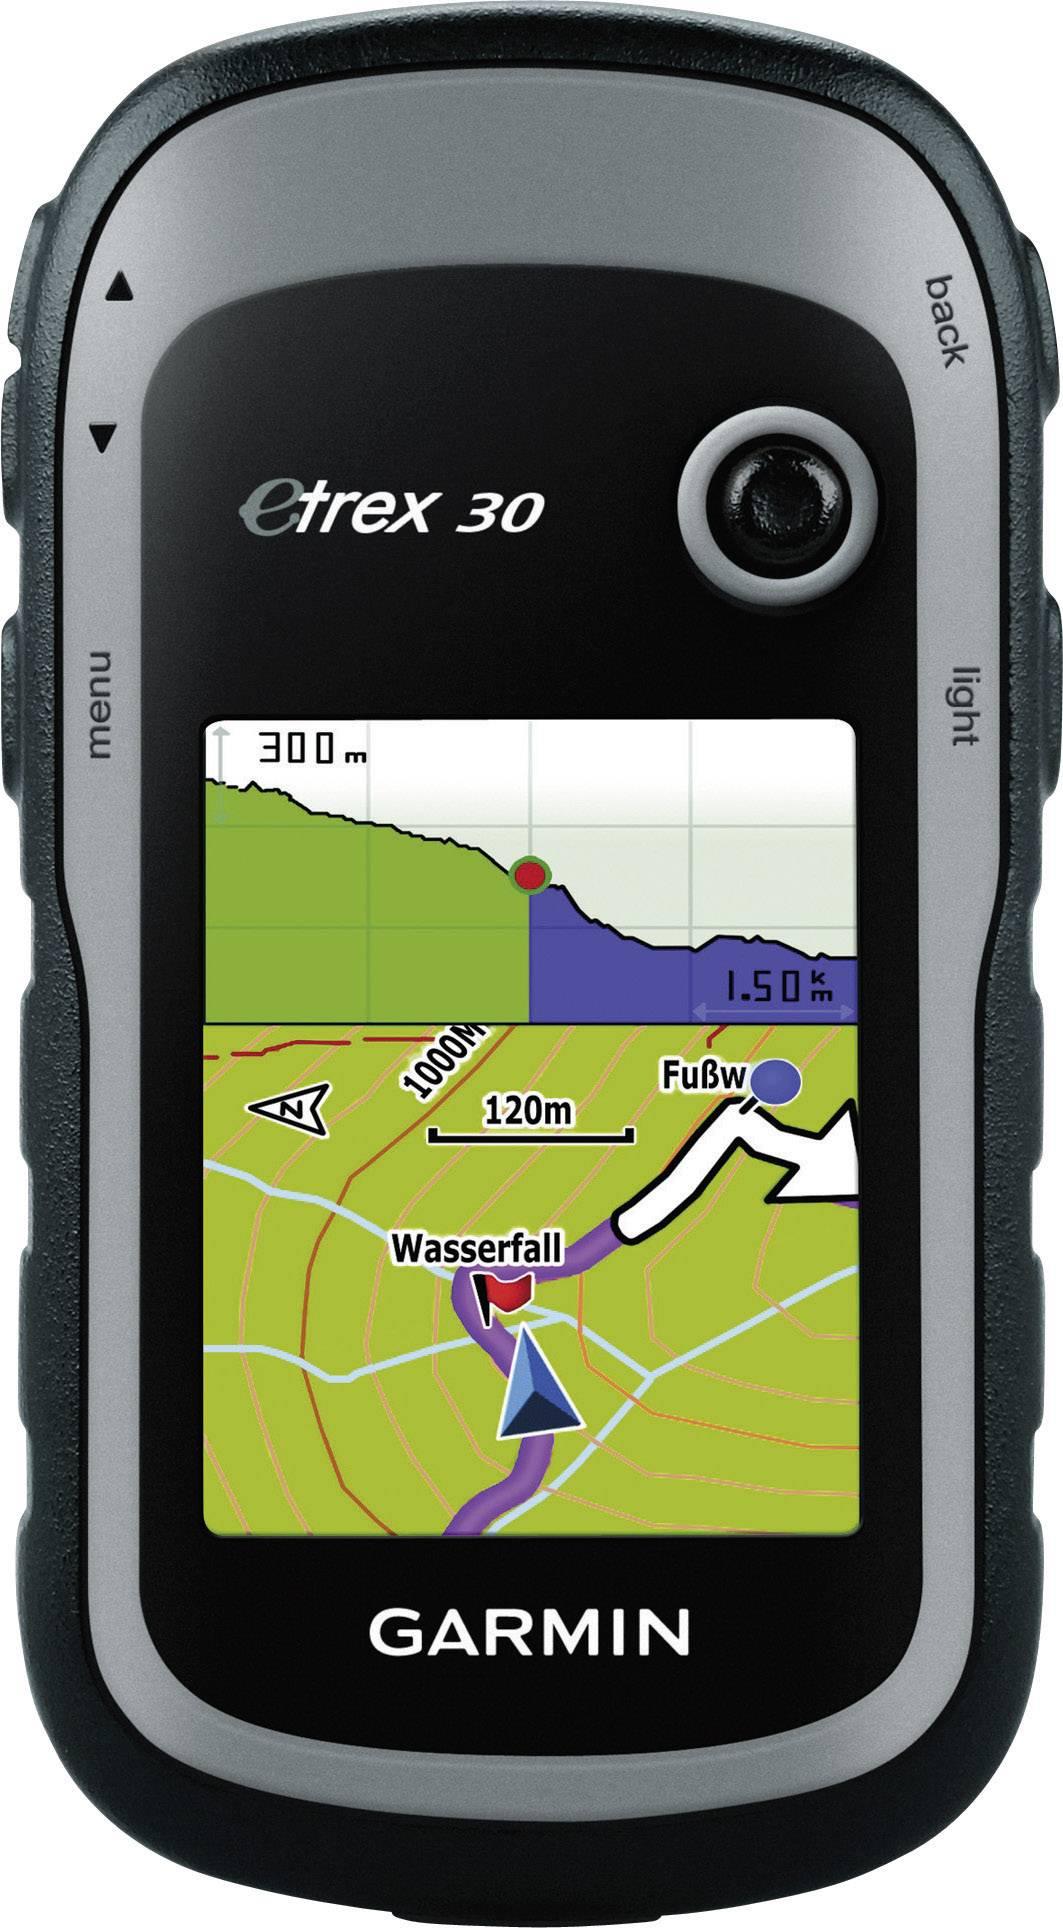 Outdoorové navigace a kompasy